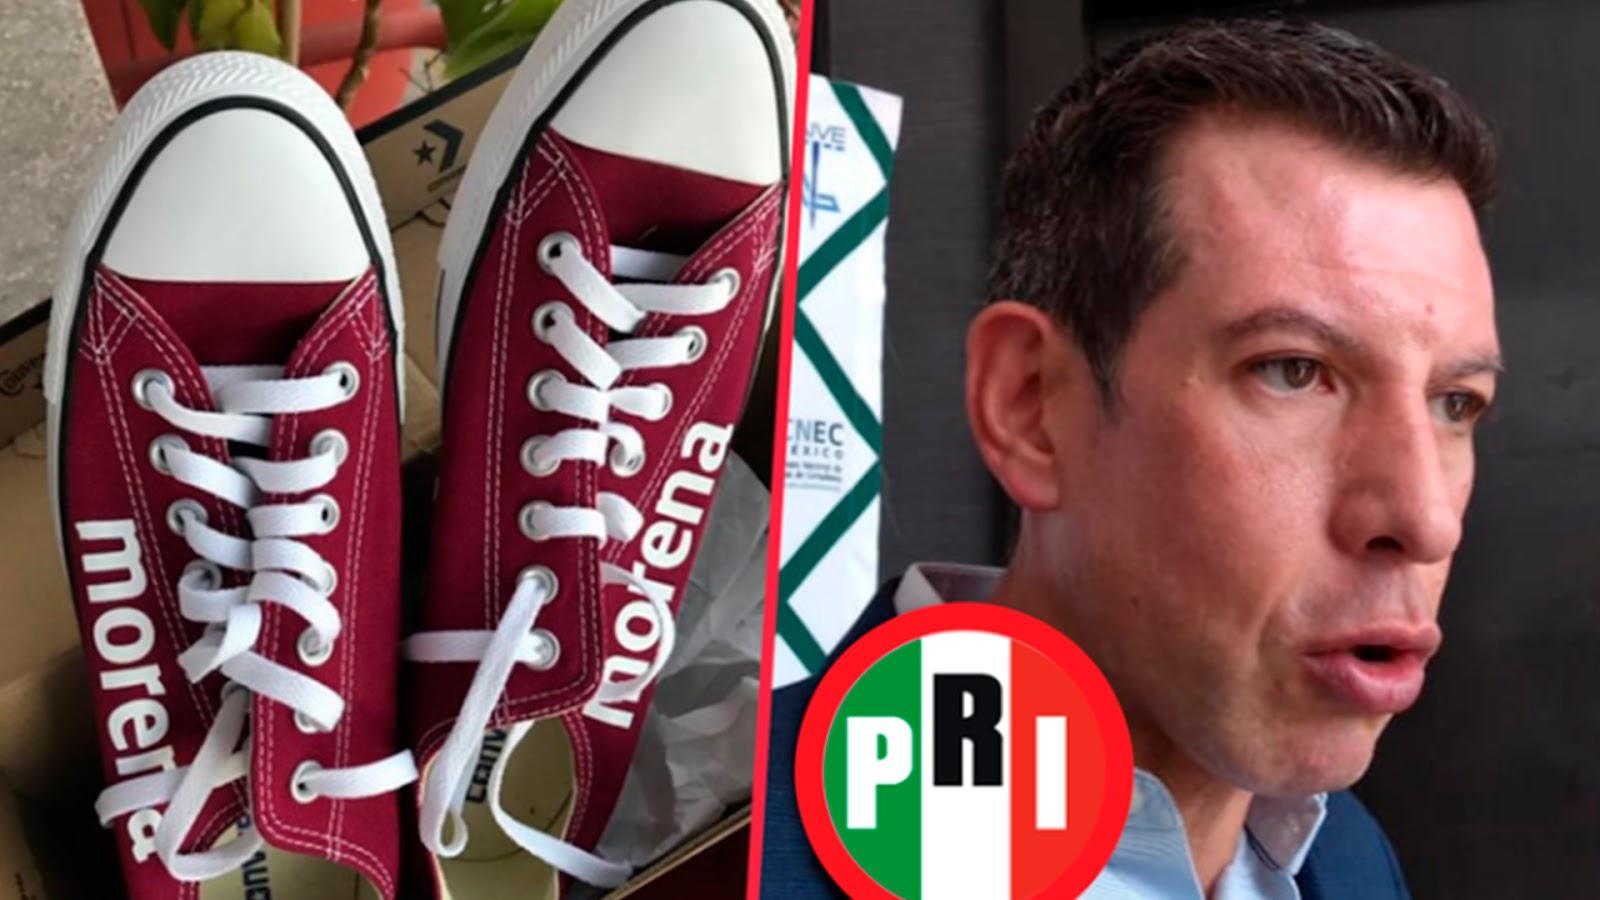 Acusa PRI a MORENA de entregar tenis a cambio de votos en elección de Puebla.